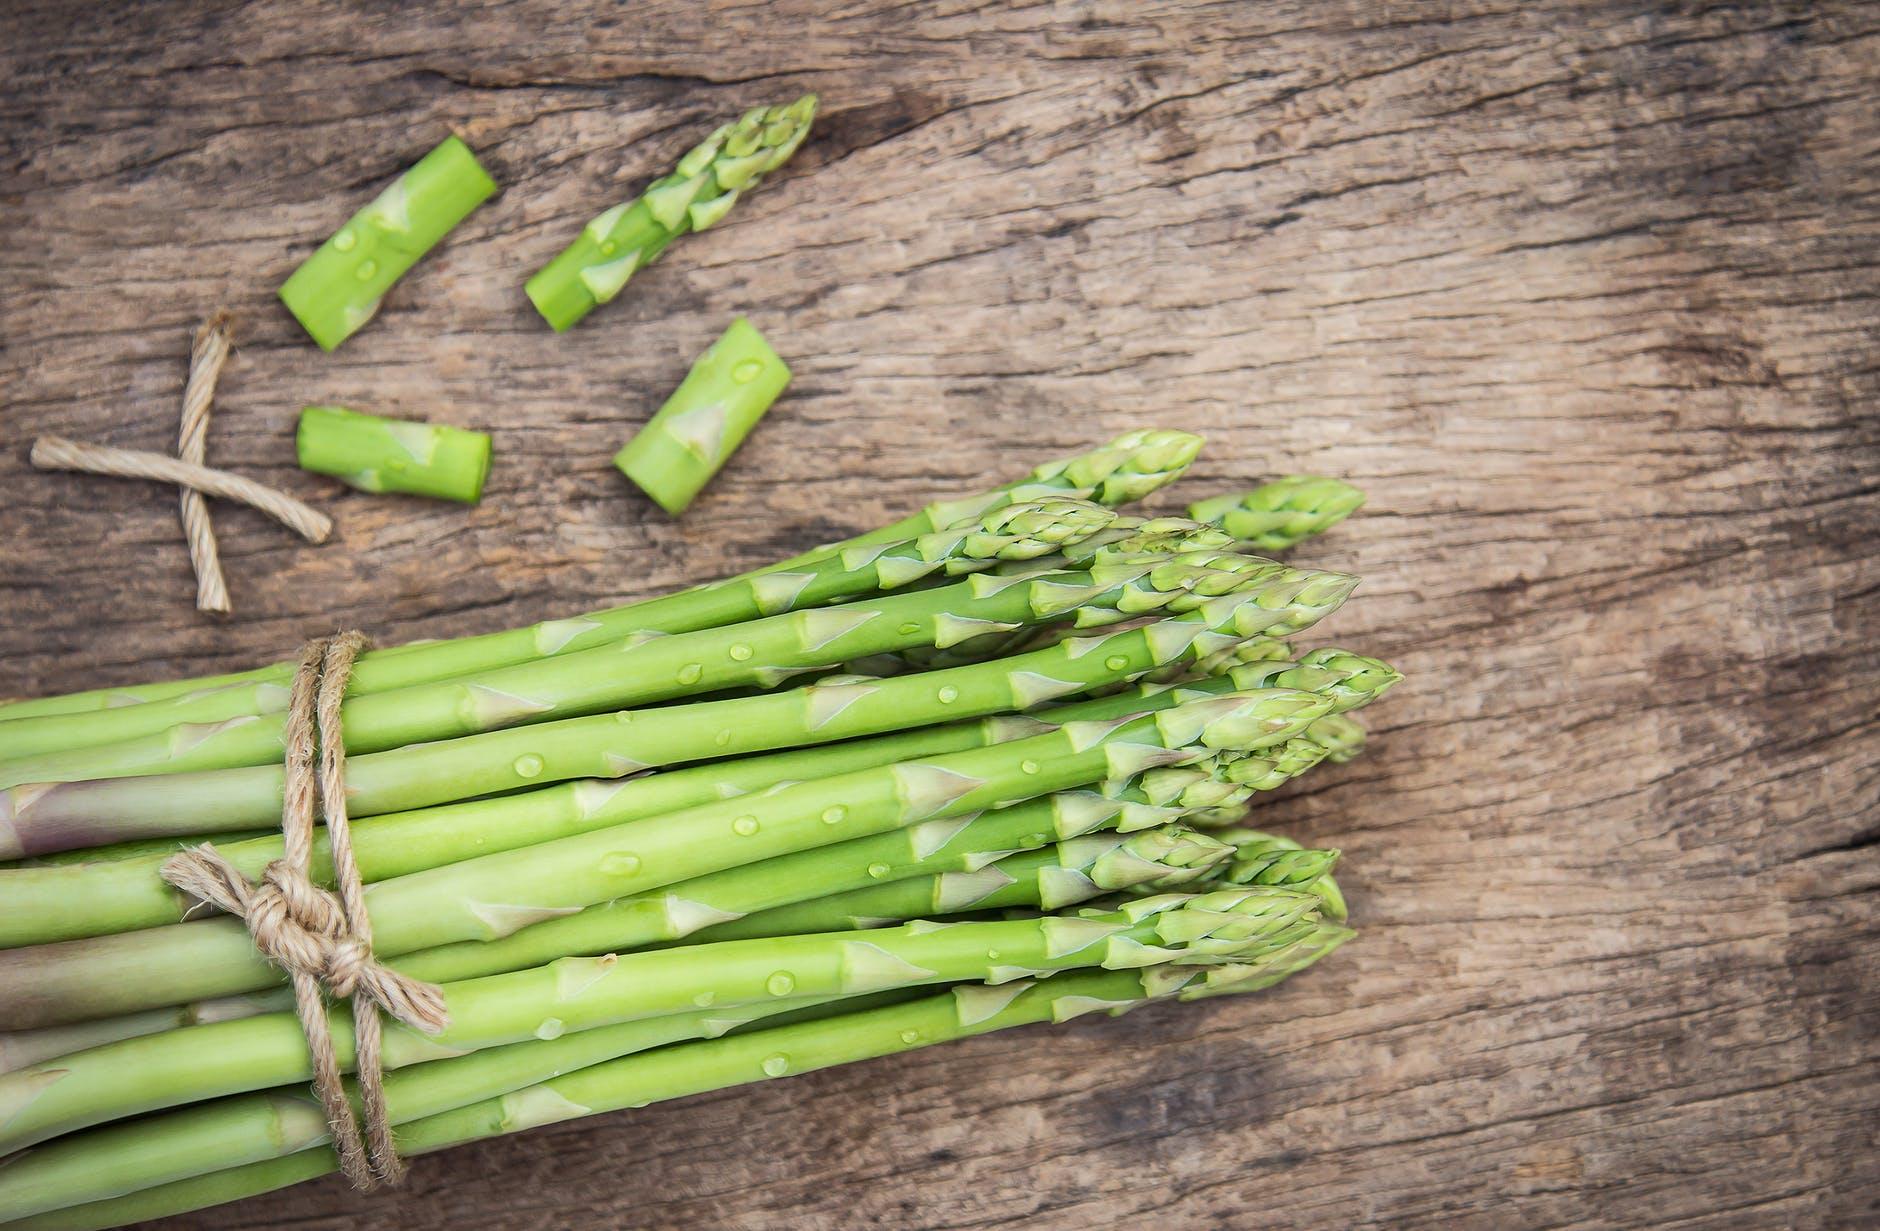 Cum se gătește sparanghelul. 5 modalități rapide și sănătoase